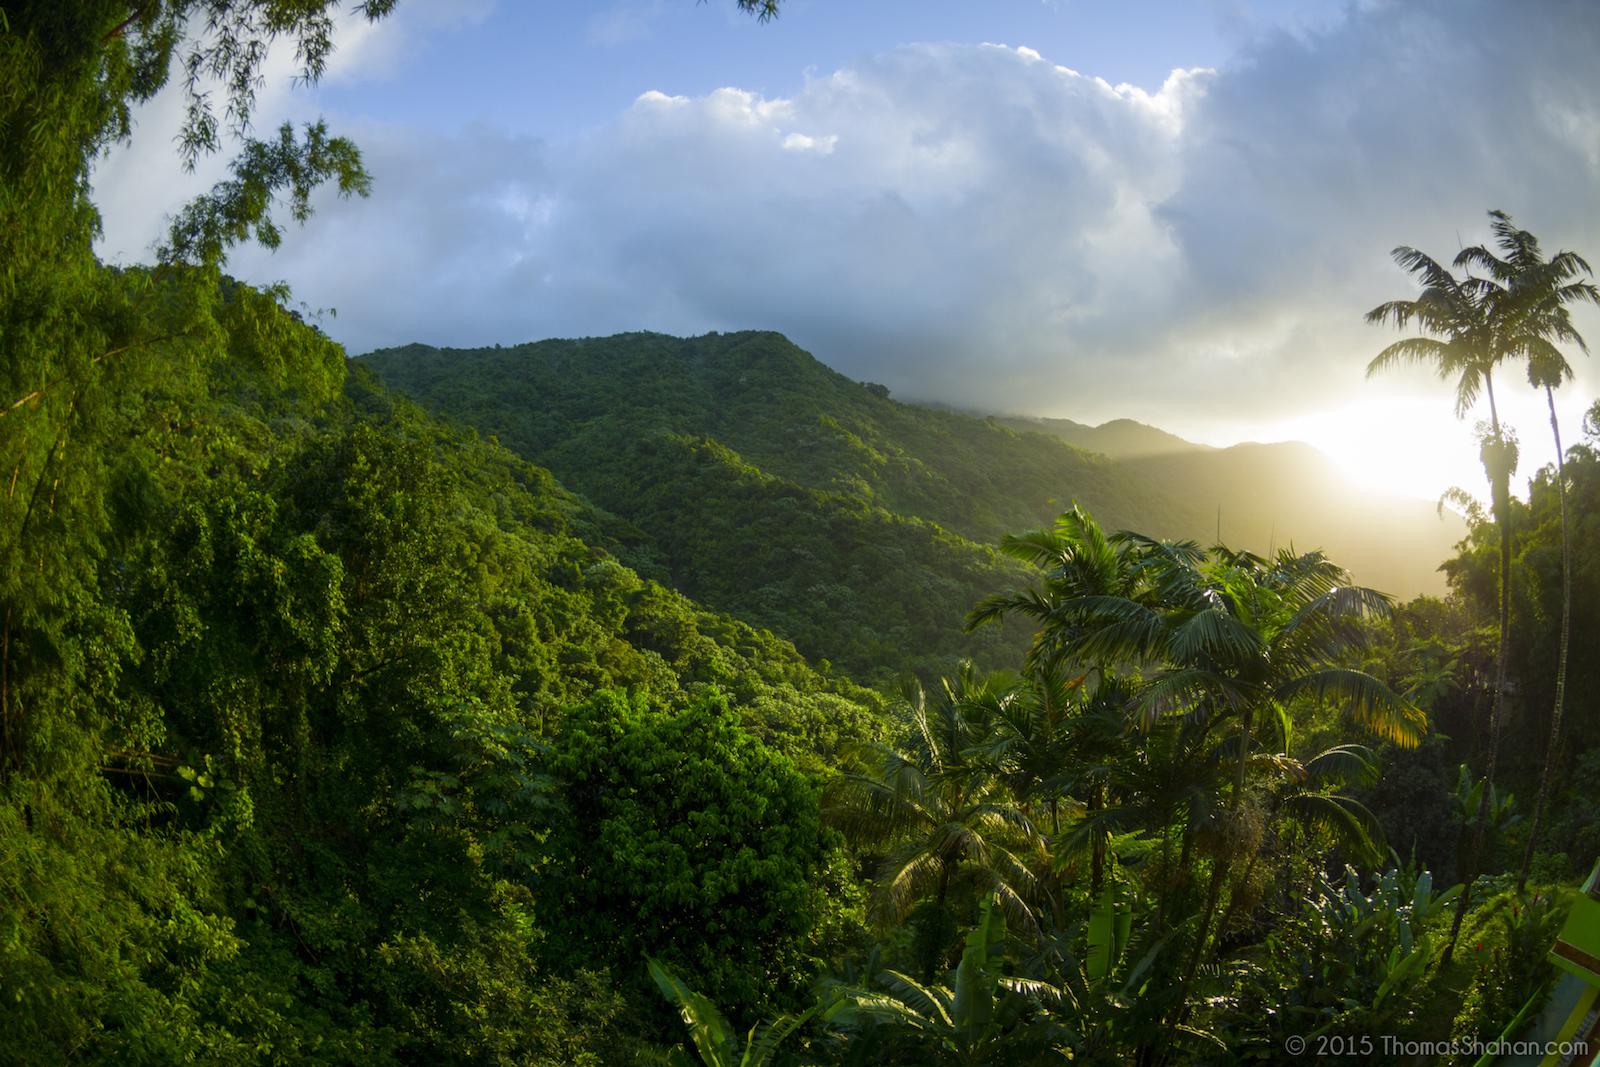 La Map Nacional Puerto Parque Cordillera El Rico Central El Yunque